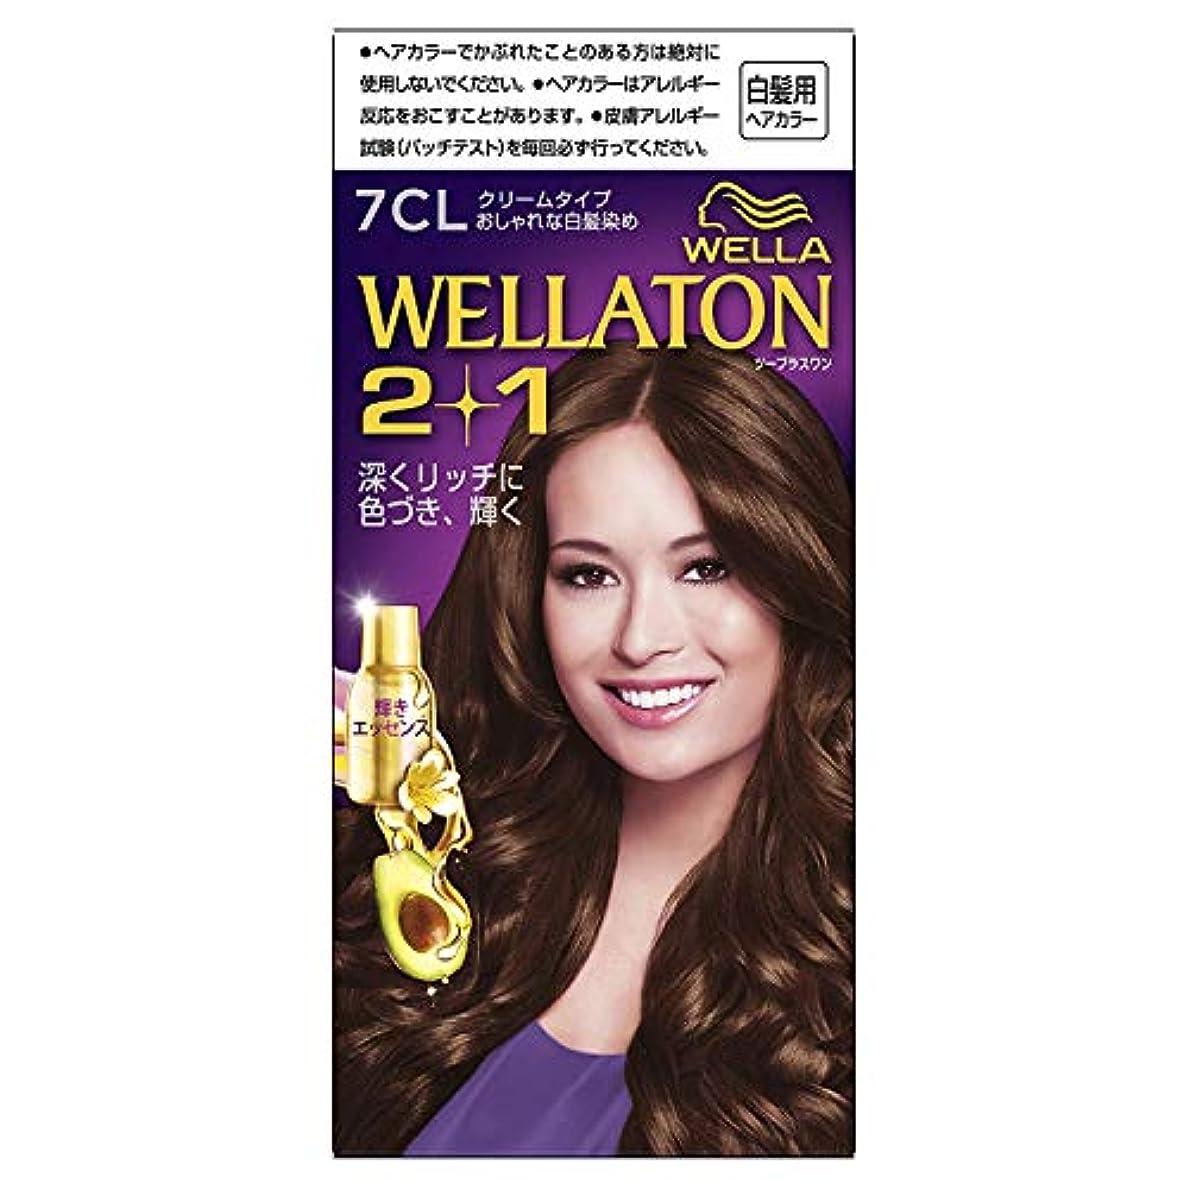 チロ好み魔術師ウエラトーン2+1 白髪染め クリームタイプ 7CL [医薬部外品]×3個